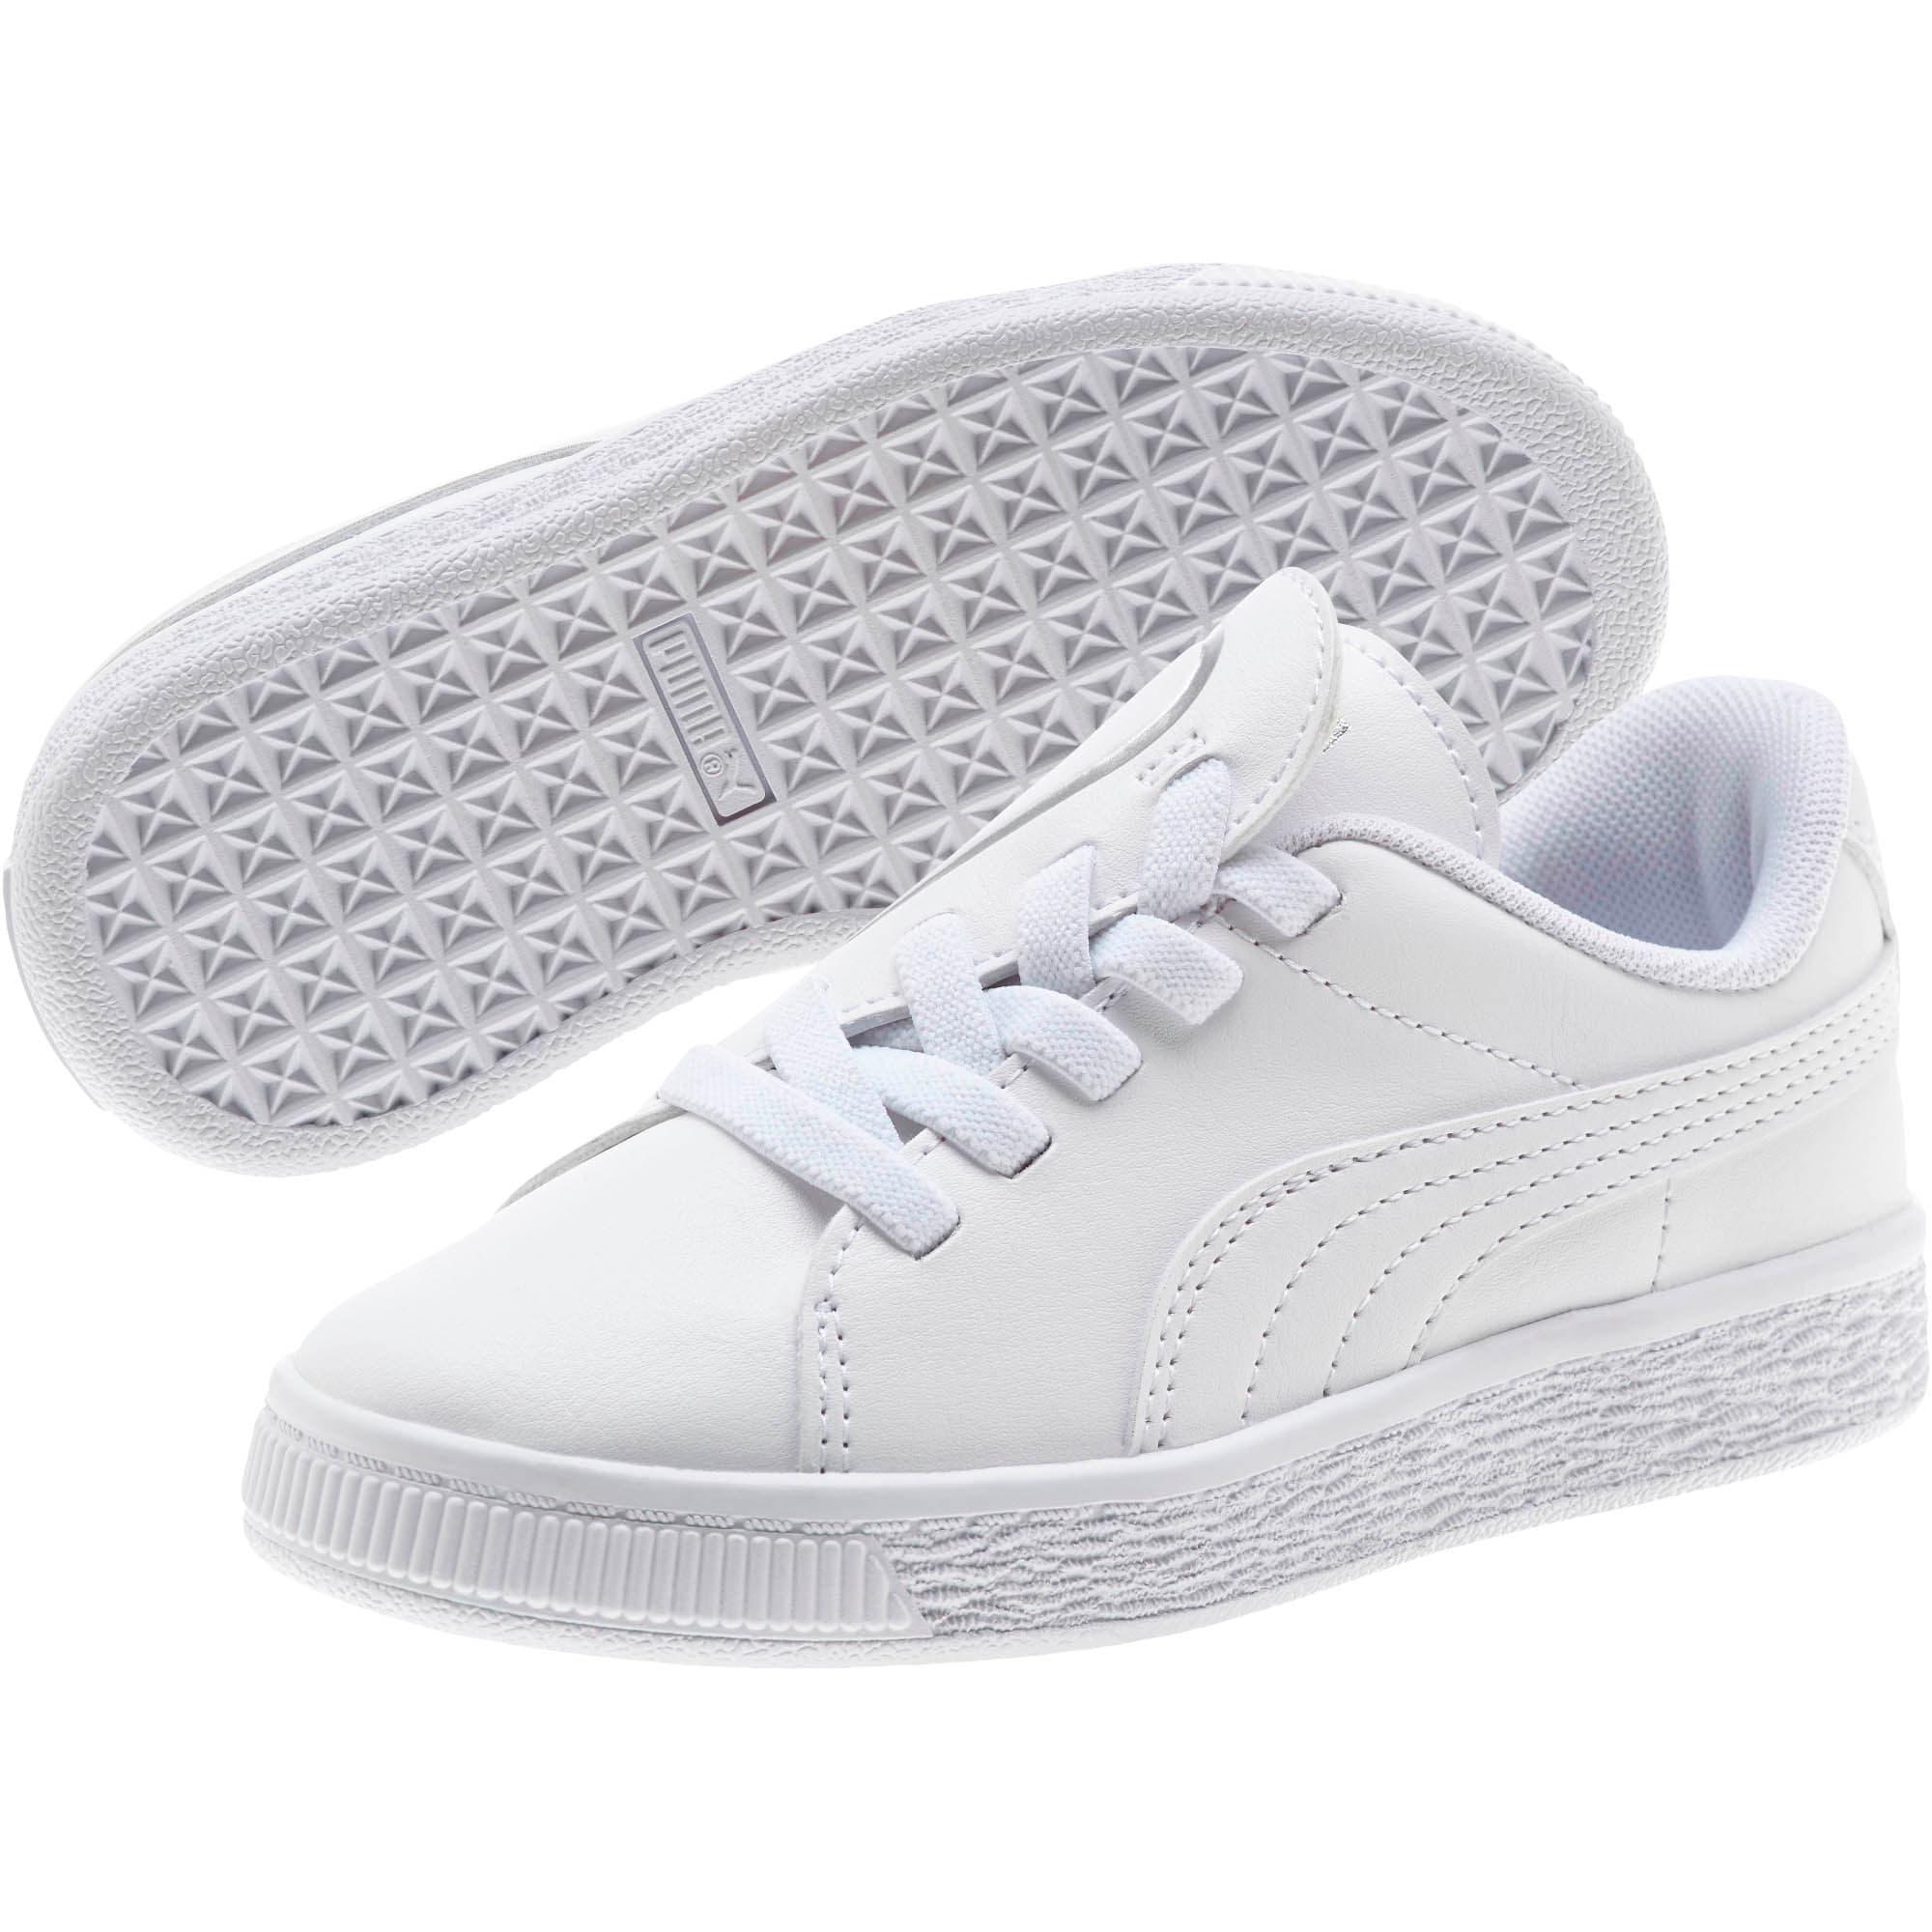 Miniatura 2 de Zapatos Basket Crush AC para niños, Puma White-Puma Silver, mediano